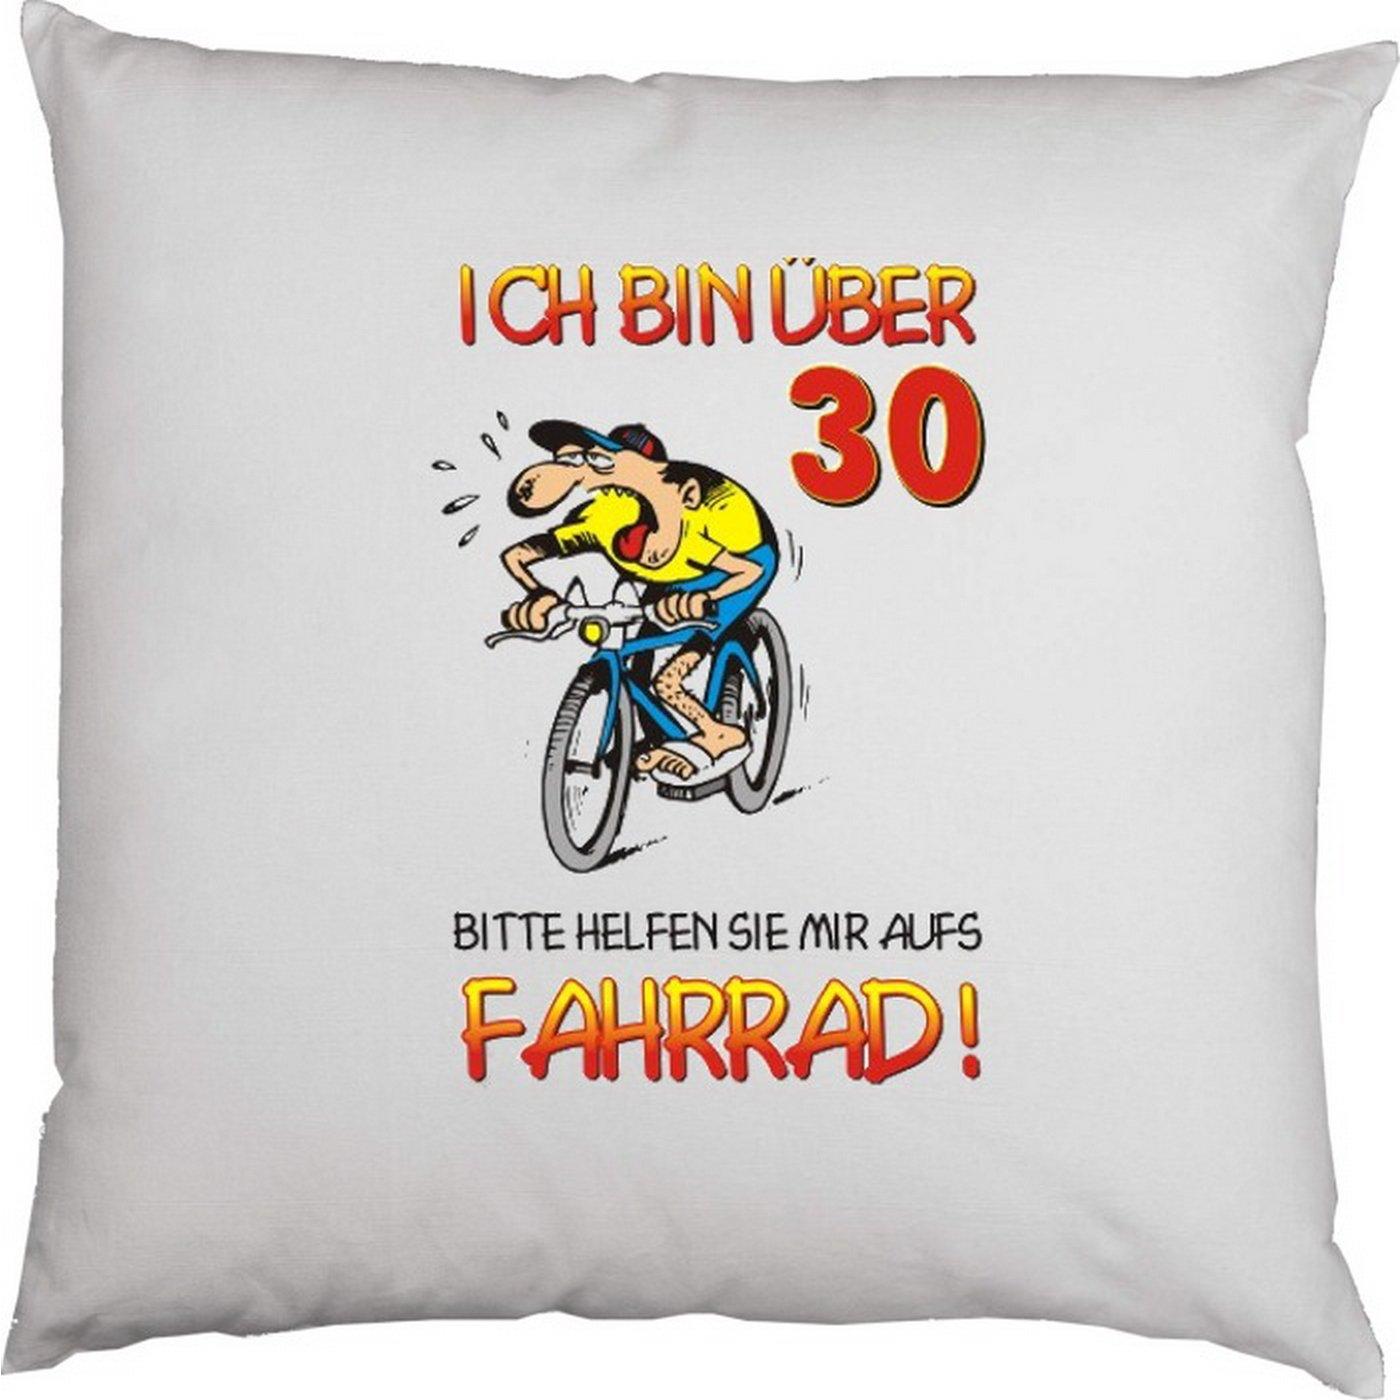 Kissen mit Innenkissen - zum 30. Geburtstag - Ich bin über 30! Bitte helfen Sie mir aufs Fahrrad! - mit 40 x 40 cm - in weiss : )